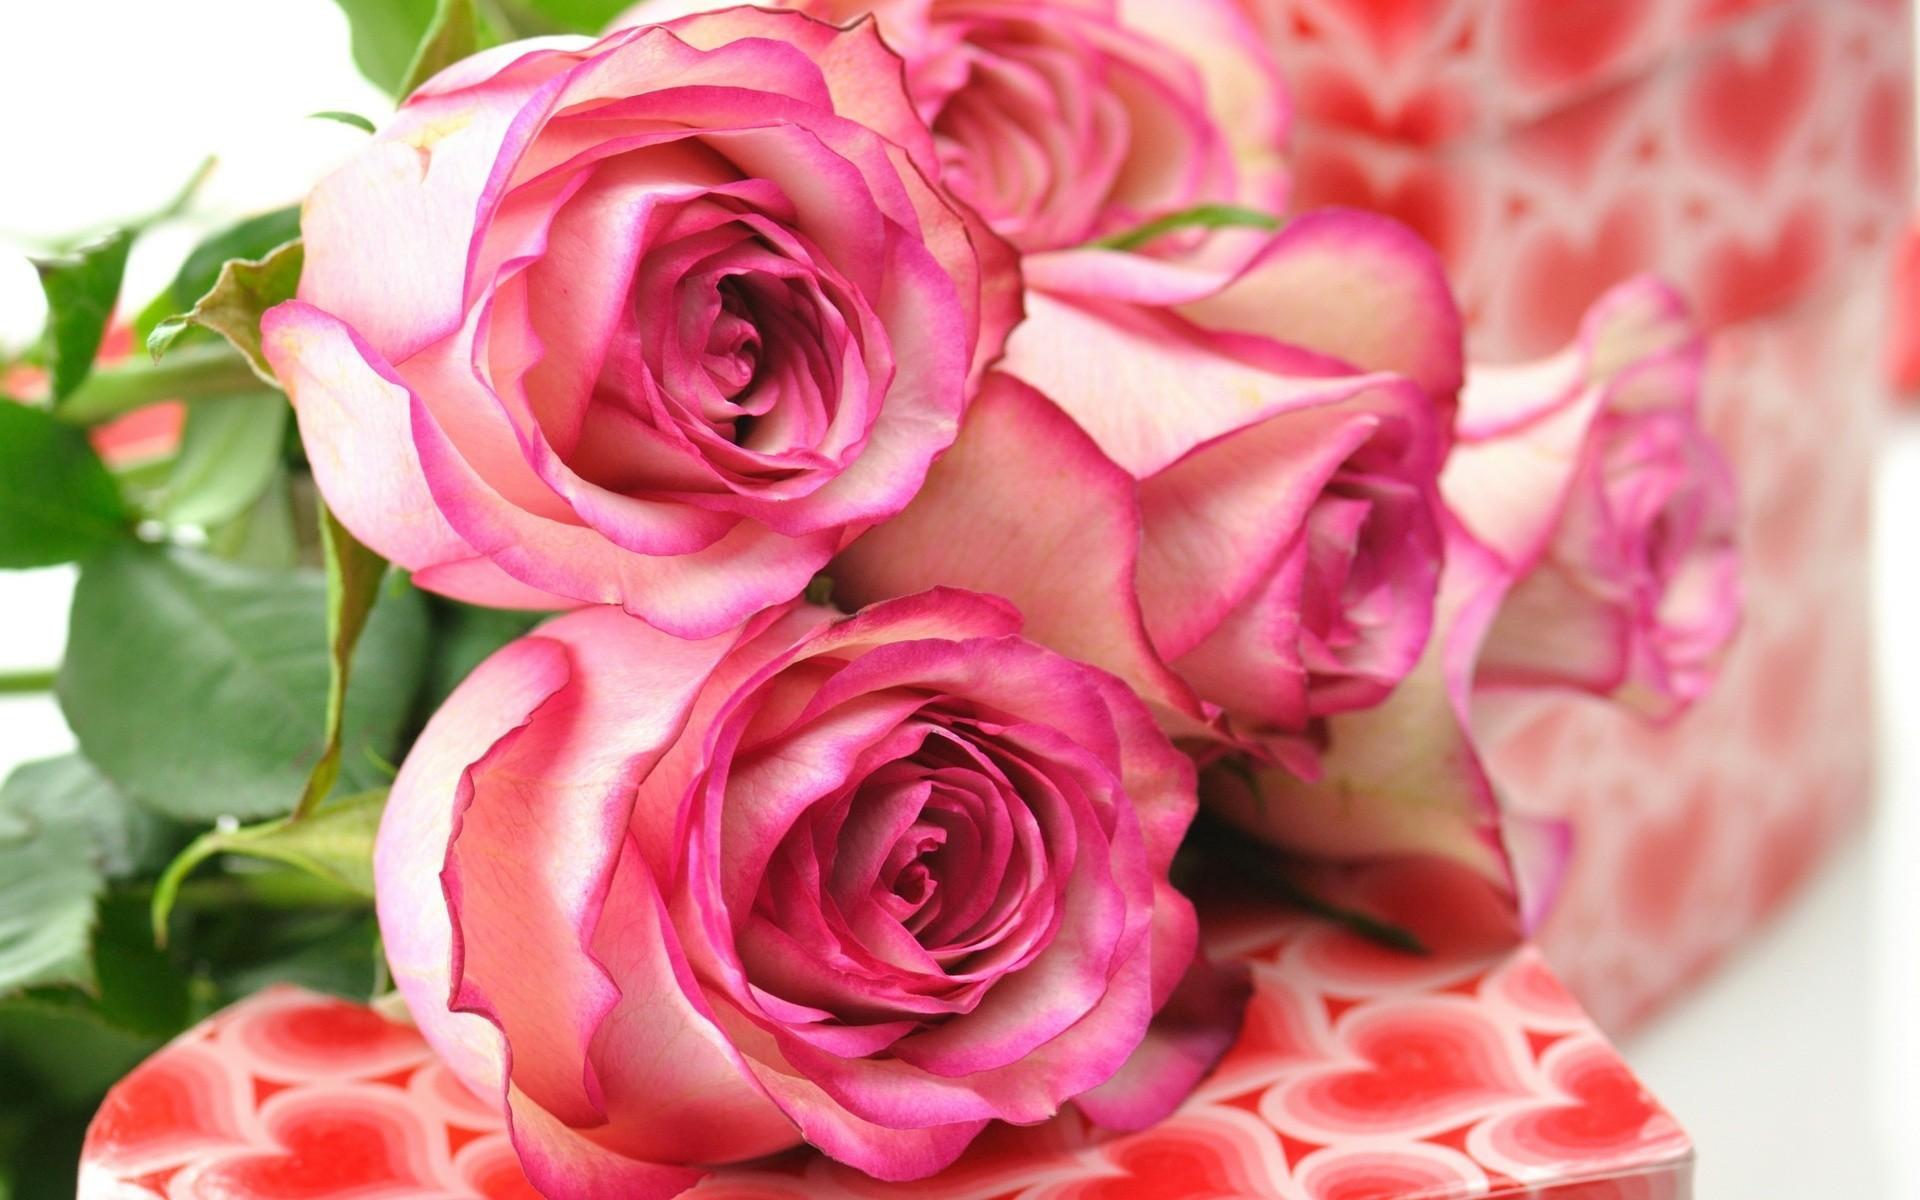 47118 скачать обои Растения, Цветы, Розы - заставки и картинки бесплатно